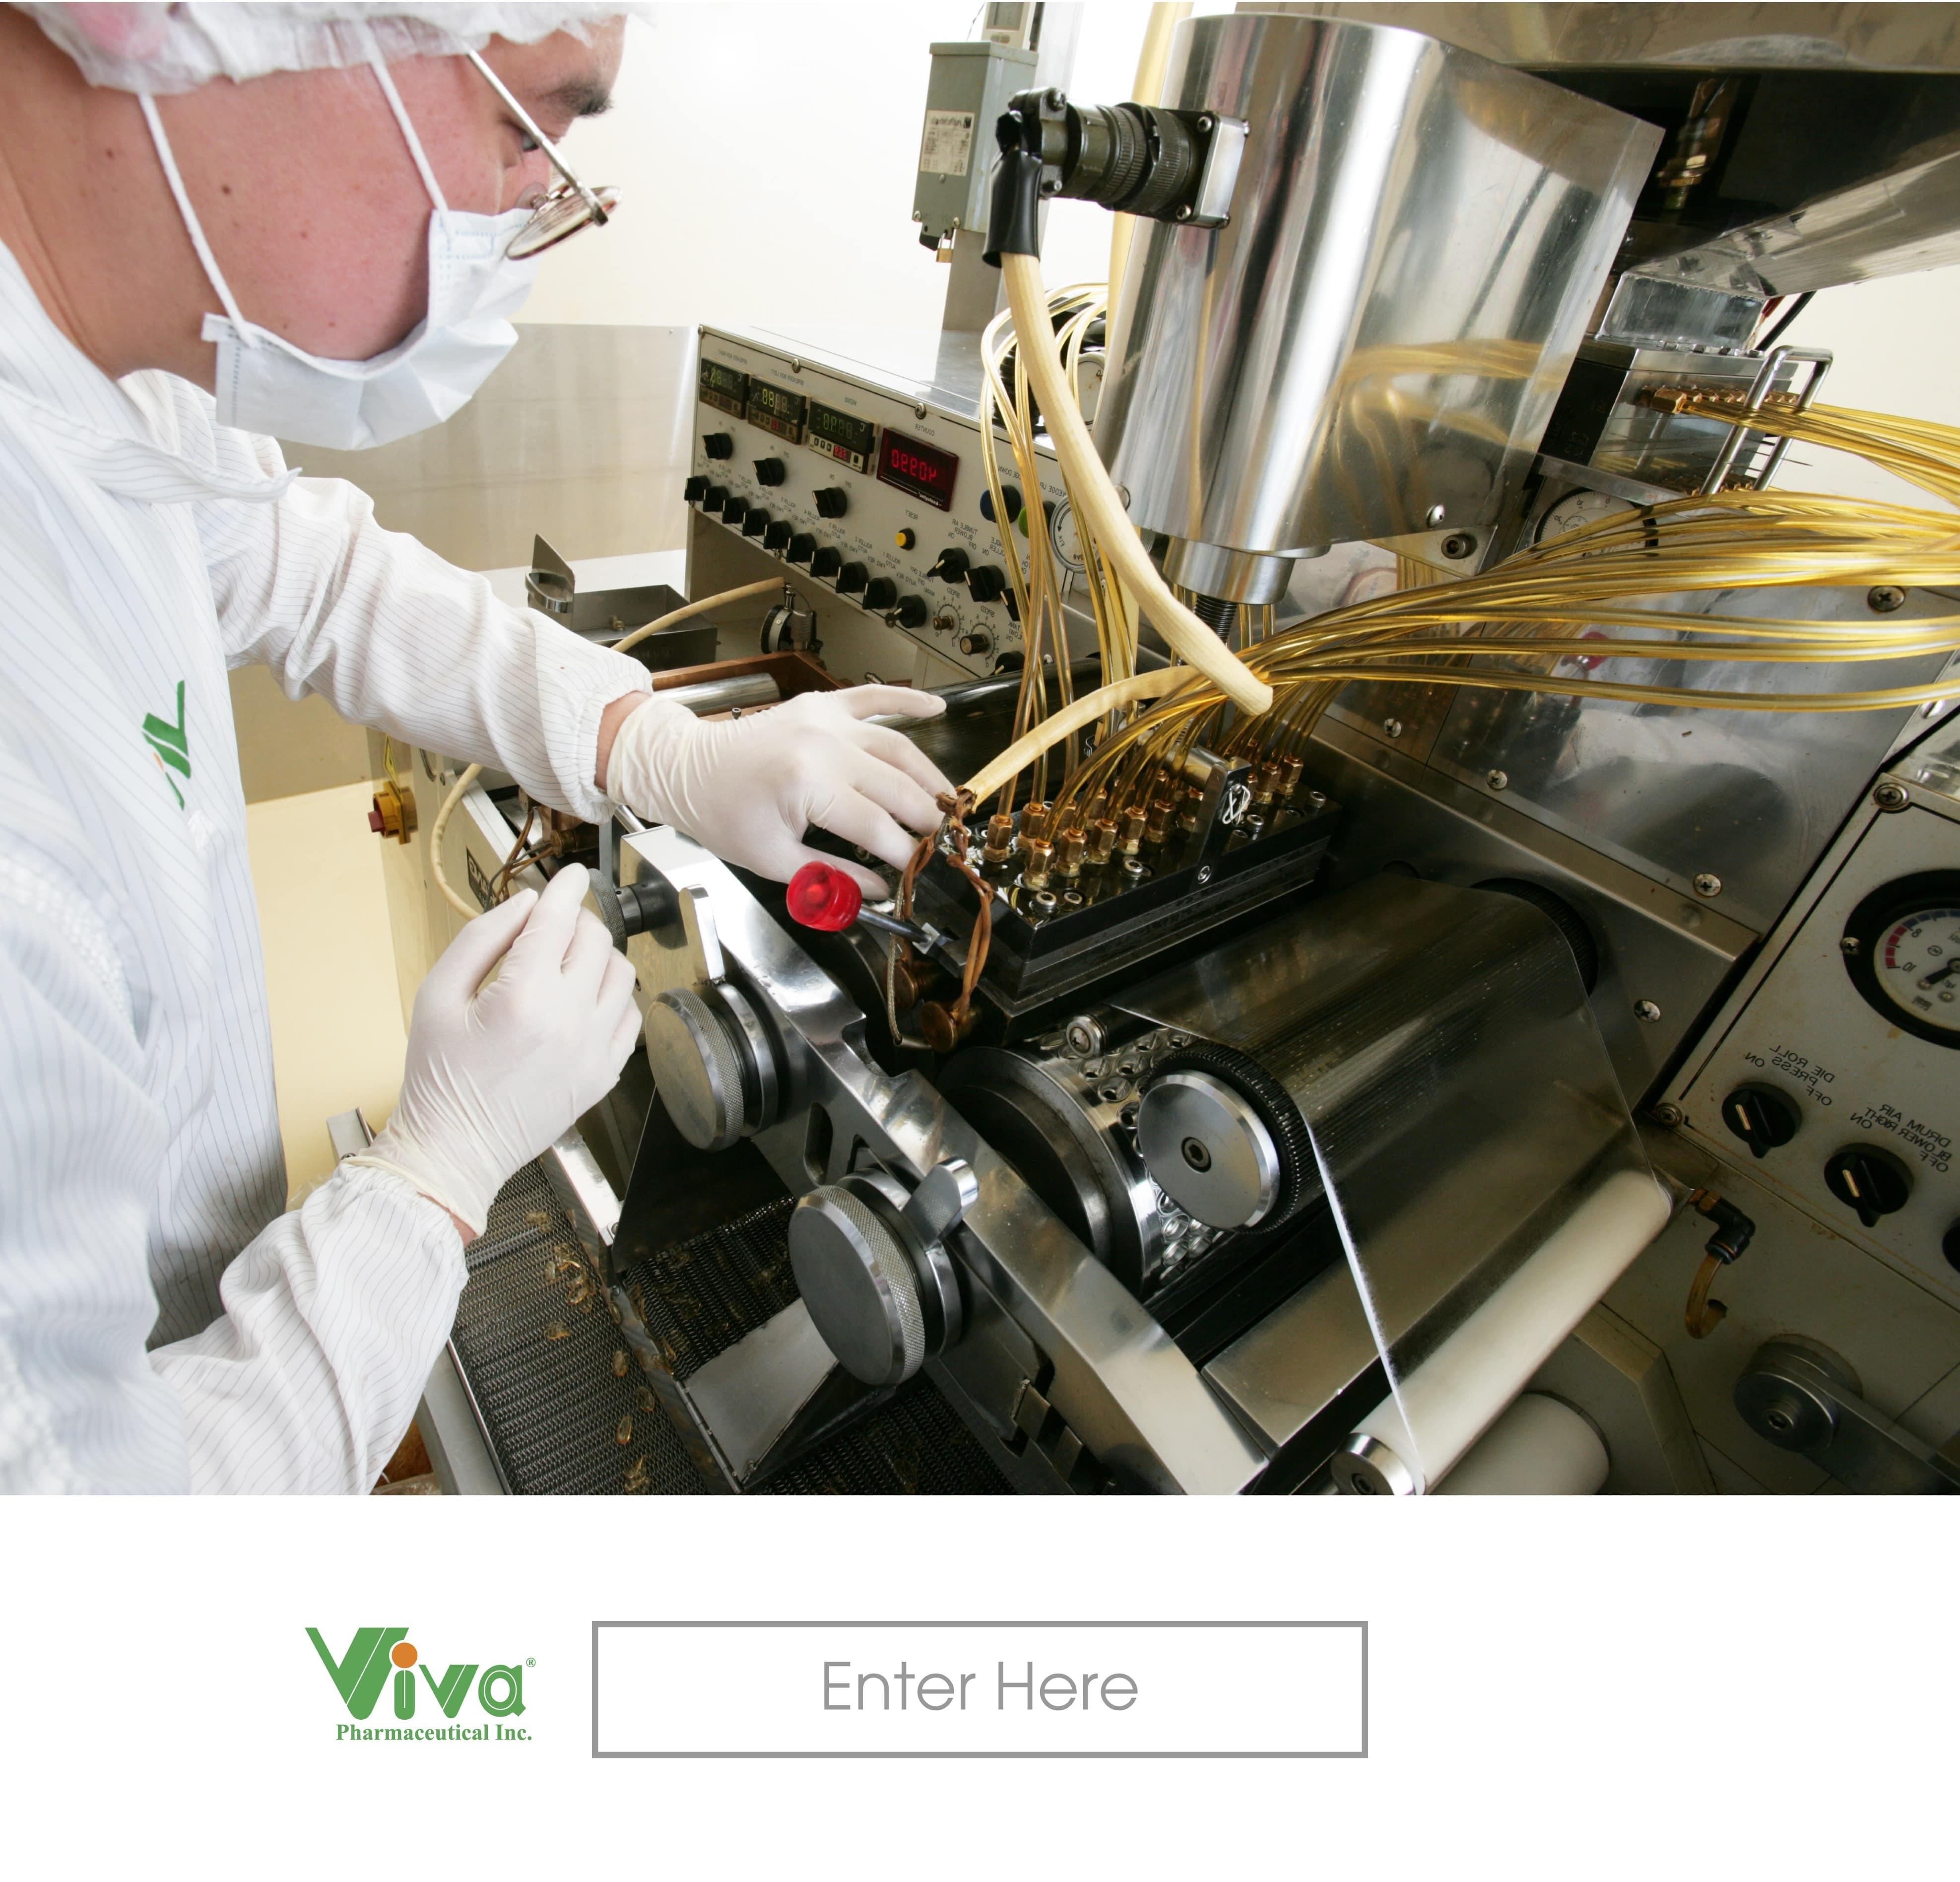 Viva-pharmaceutical